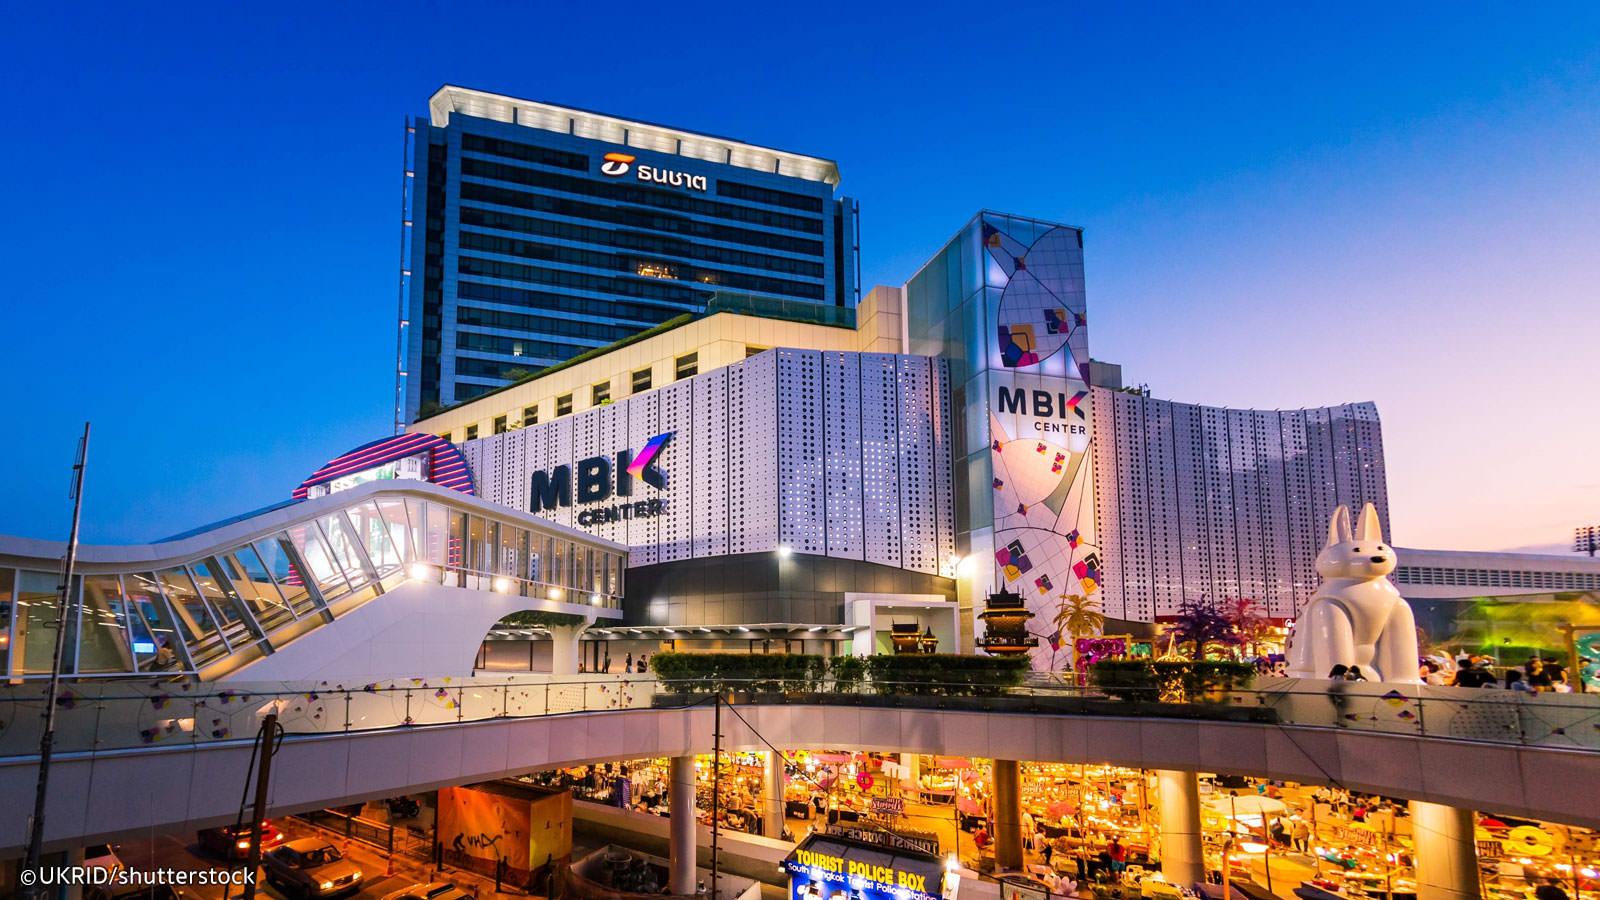 visit mbk mall bangkok